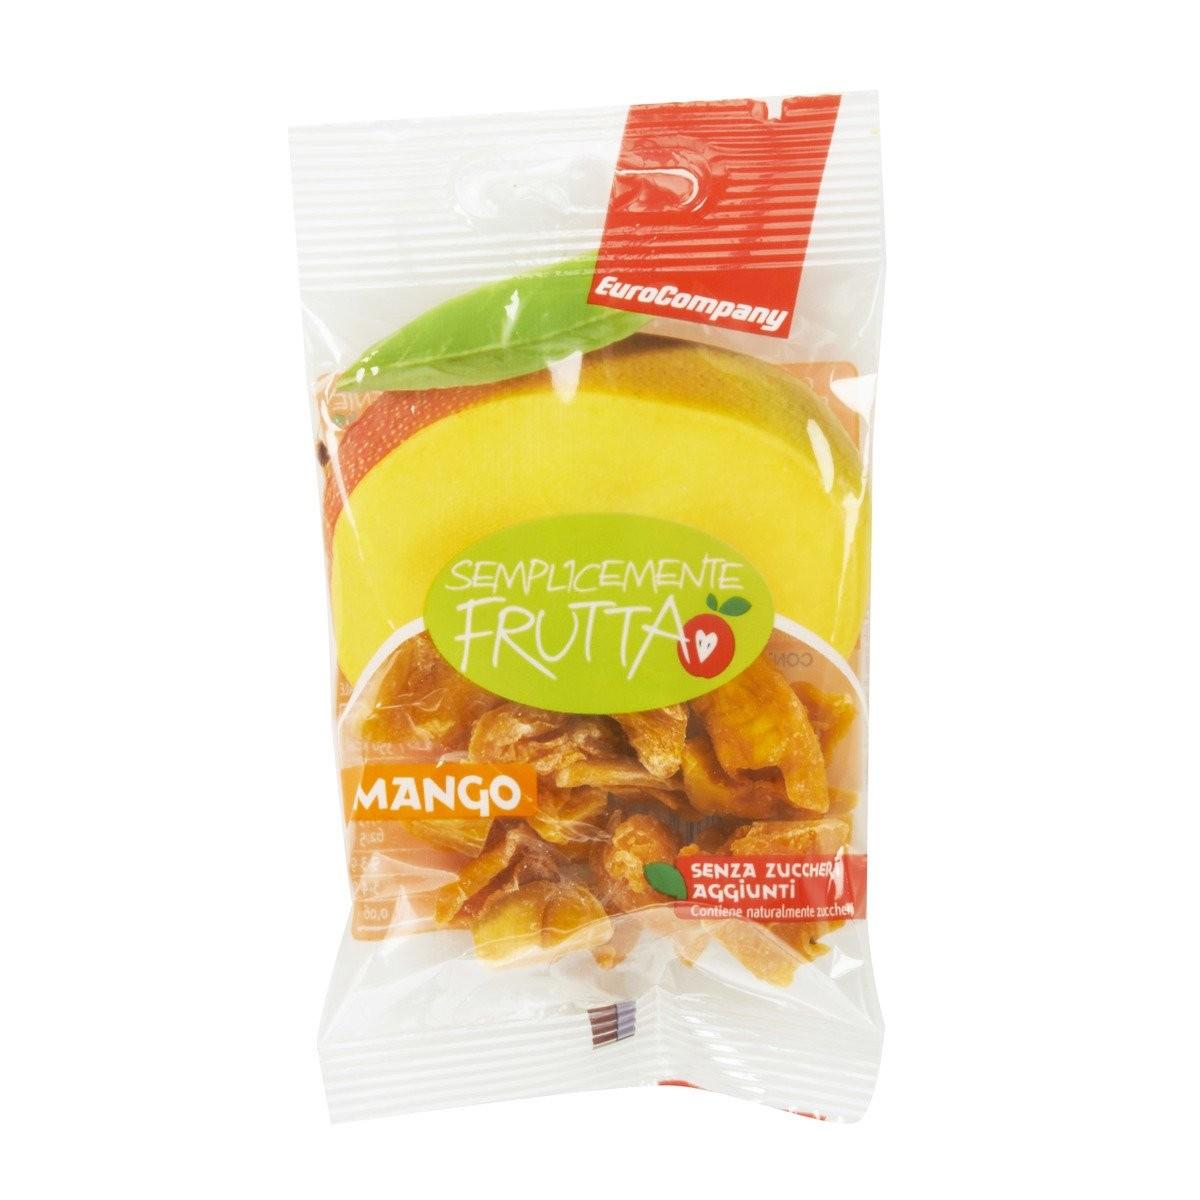 EuroCompany Mango essiccato Semplicemente Frutta